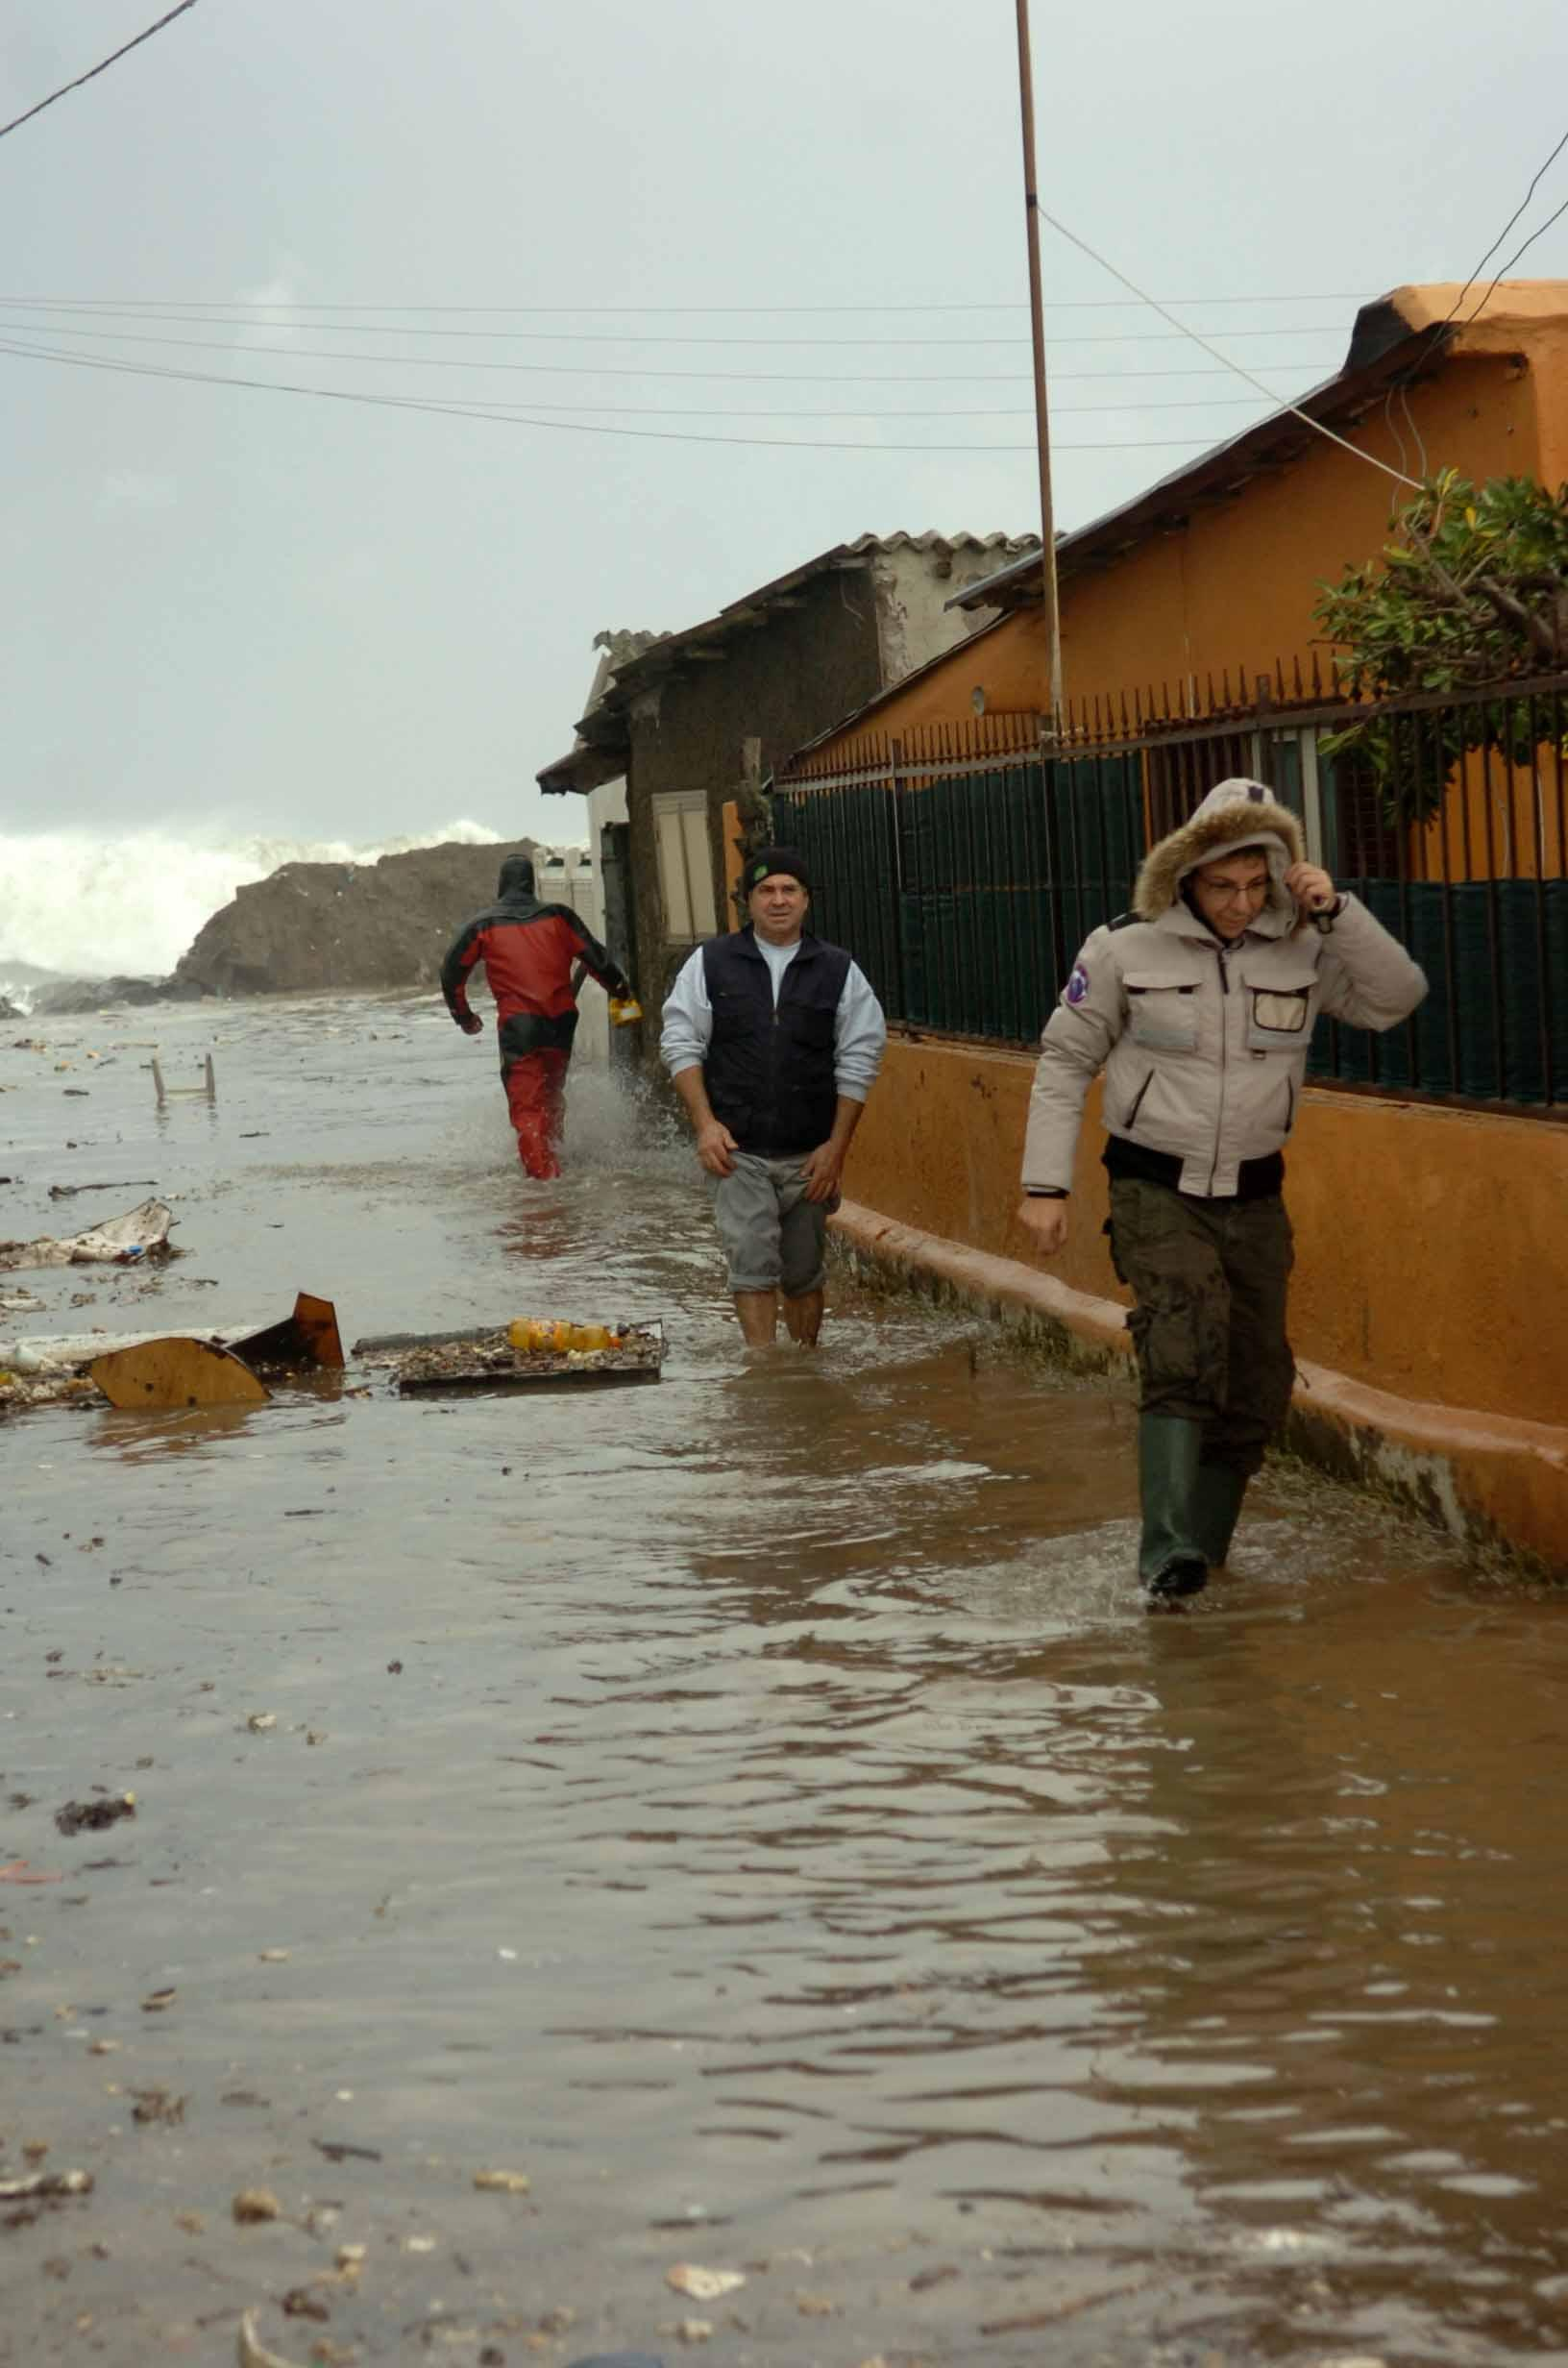 L'alluvione all'Idroscalo dello scorso novembre (Faraglia)